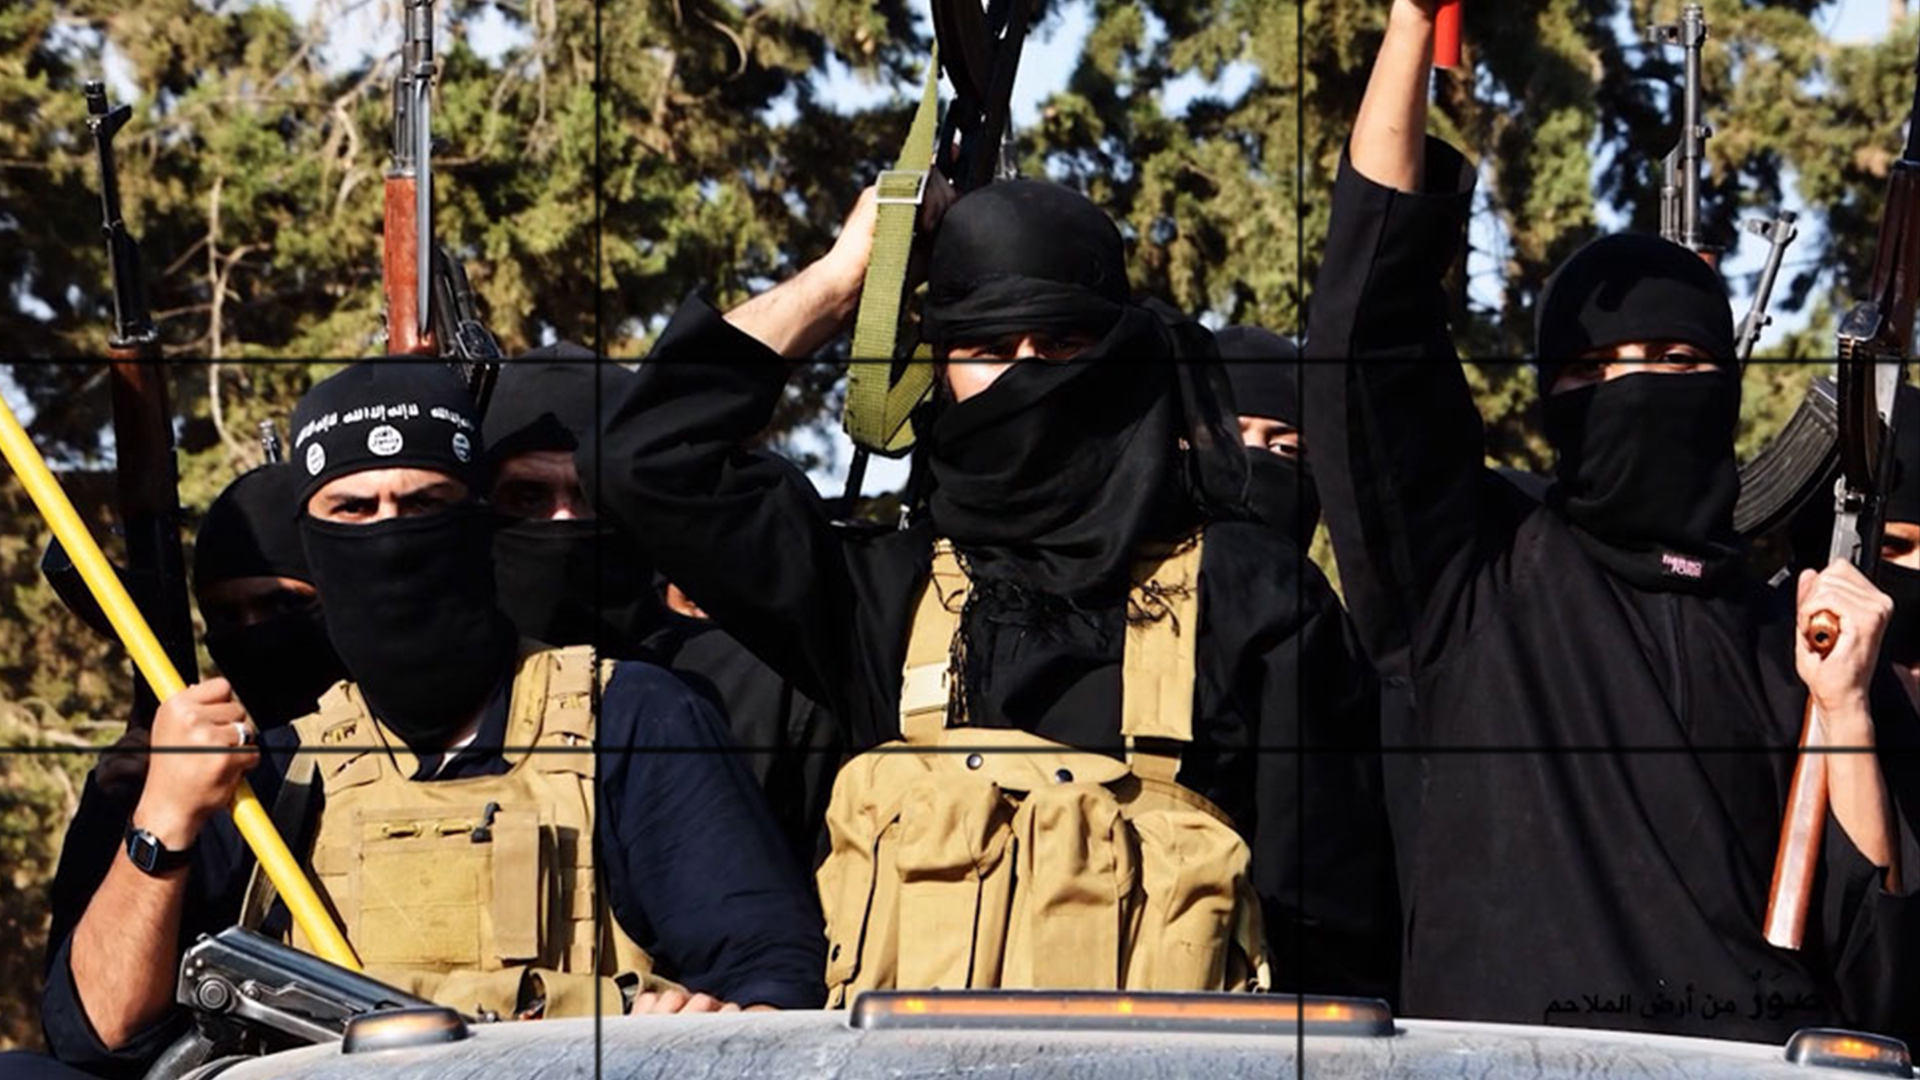 صورة داعش تعلن الحرب على طالبان بتهمة تلقي الدعم من جهاز آي إس آي